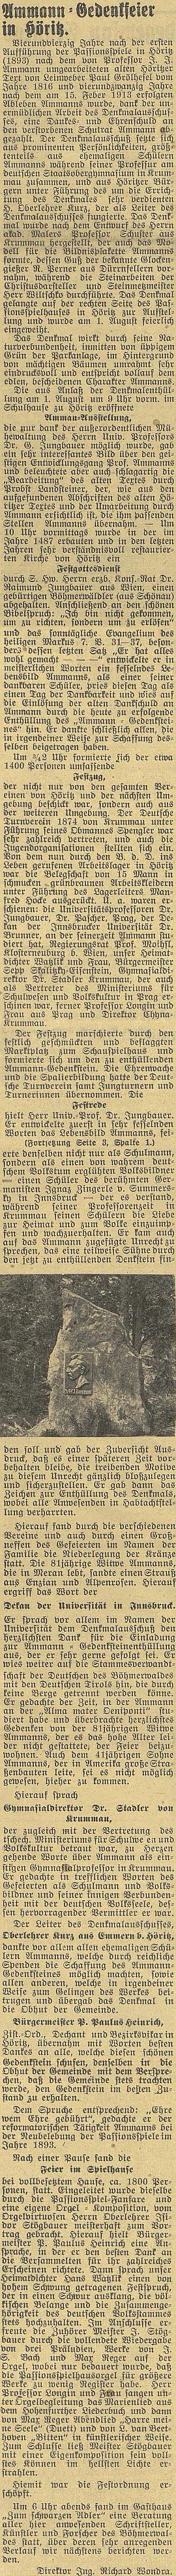 Zpráva o Ammannově pamětní slavnosti v Hořicích s Jungbauerovým tamním kázáním ve farním kostele